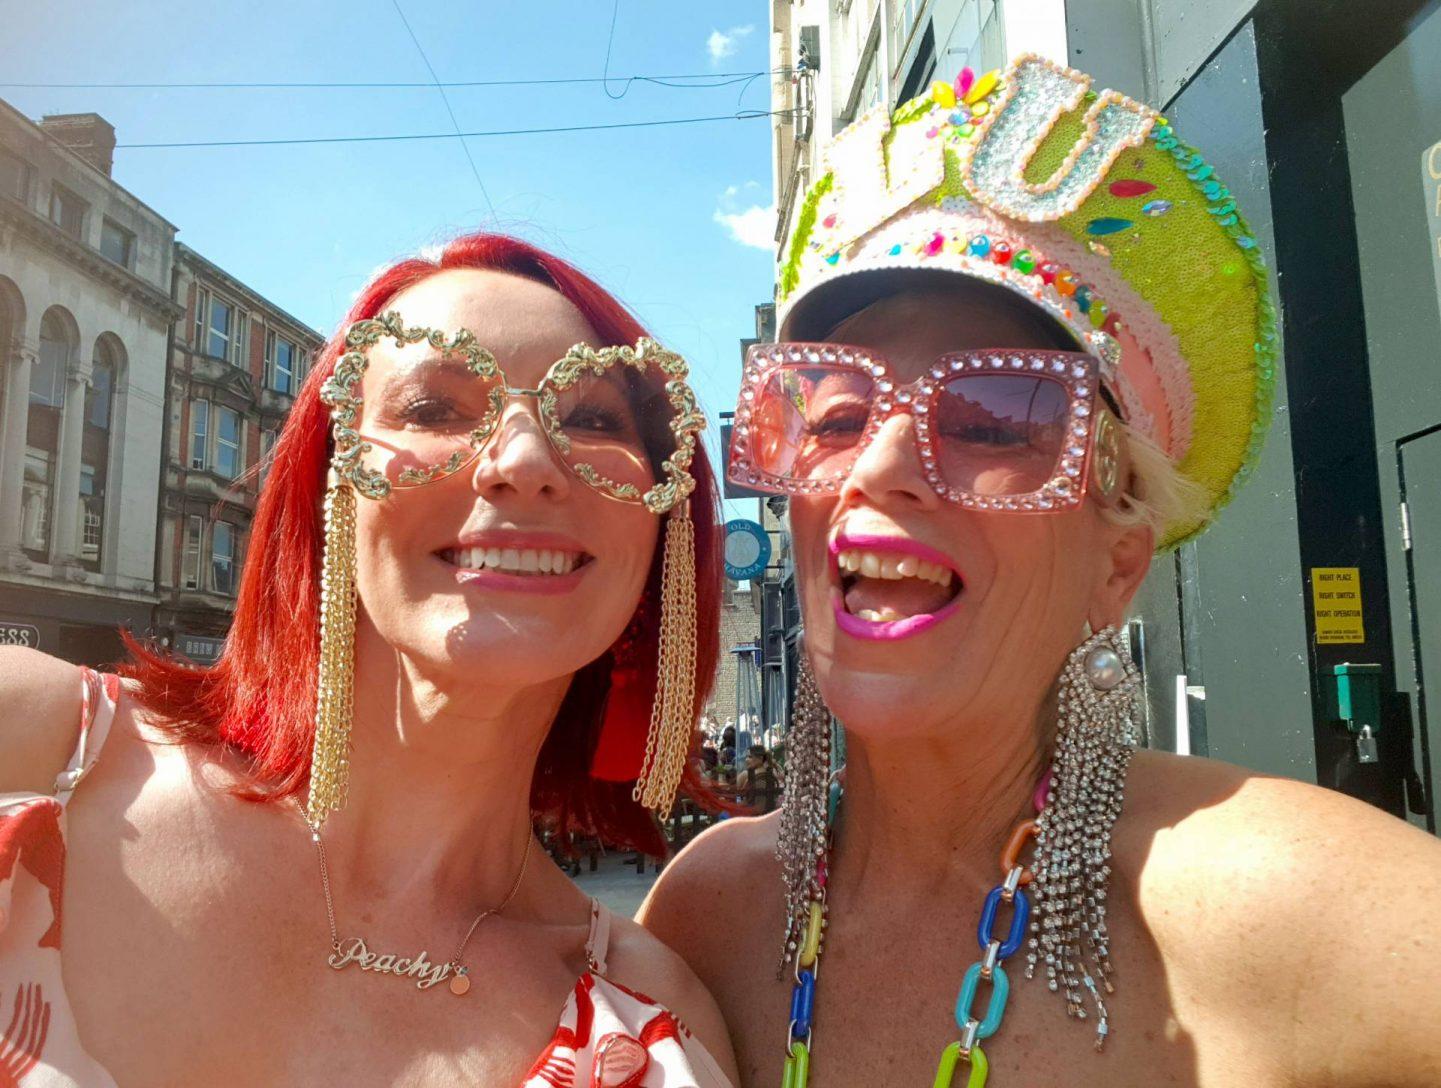 Meeting Luinluland, Emma Peach of Style Splash Lou Featherstone of Luinluland